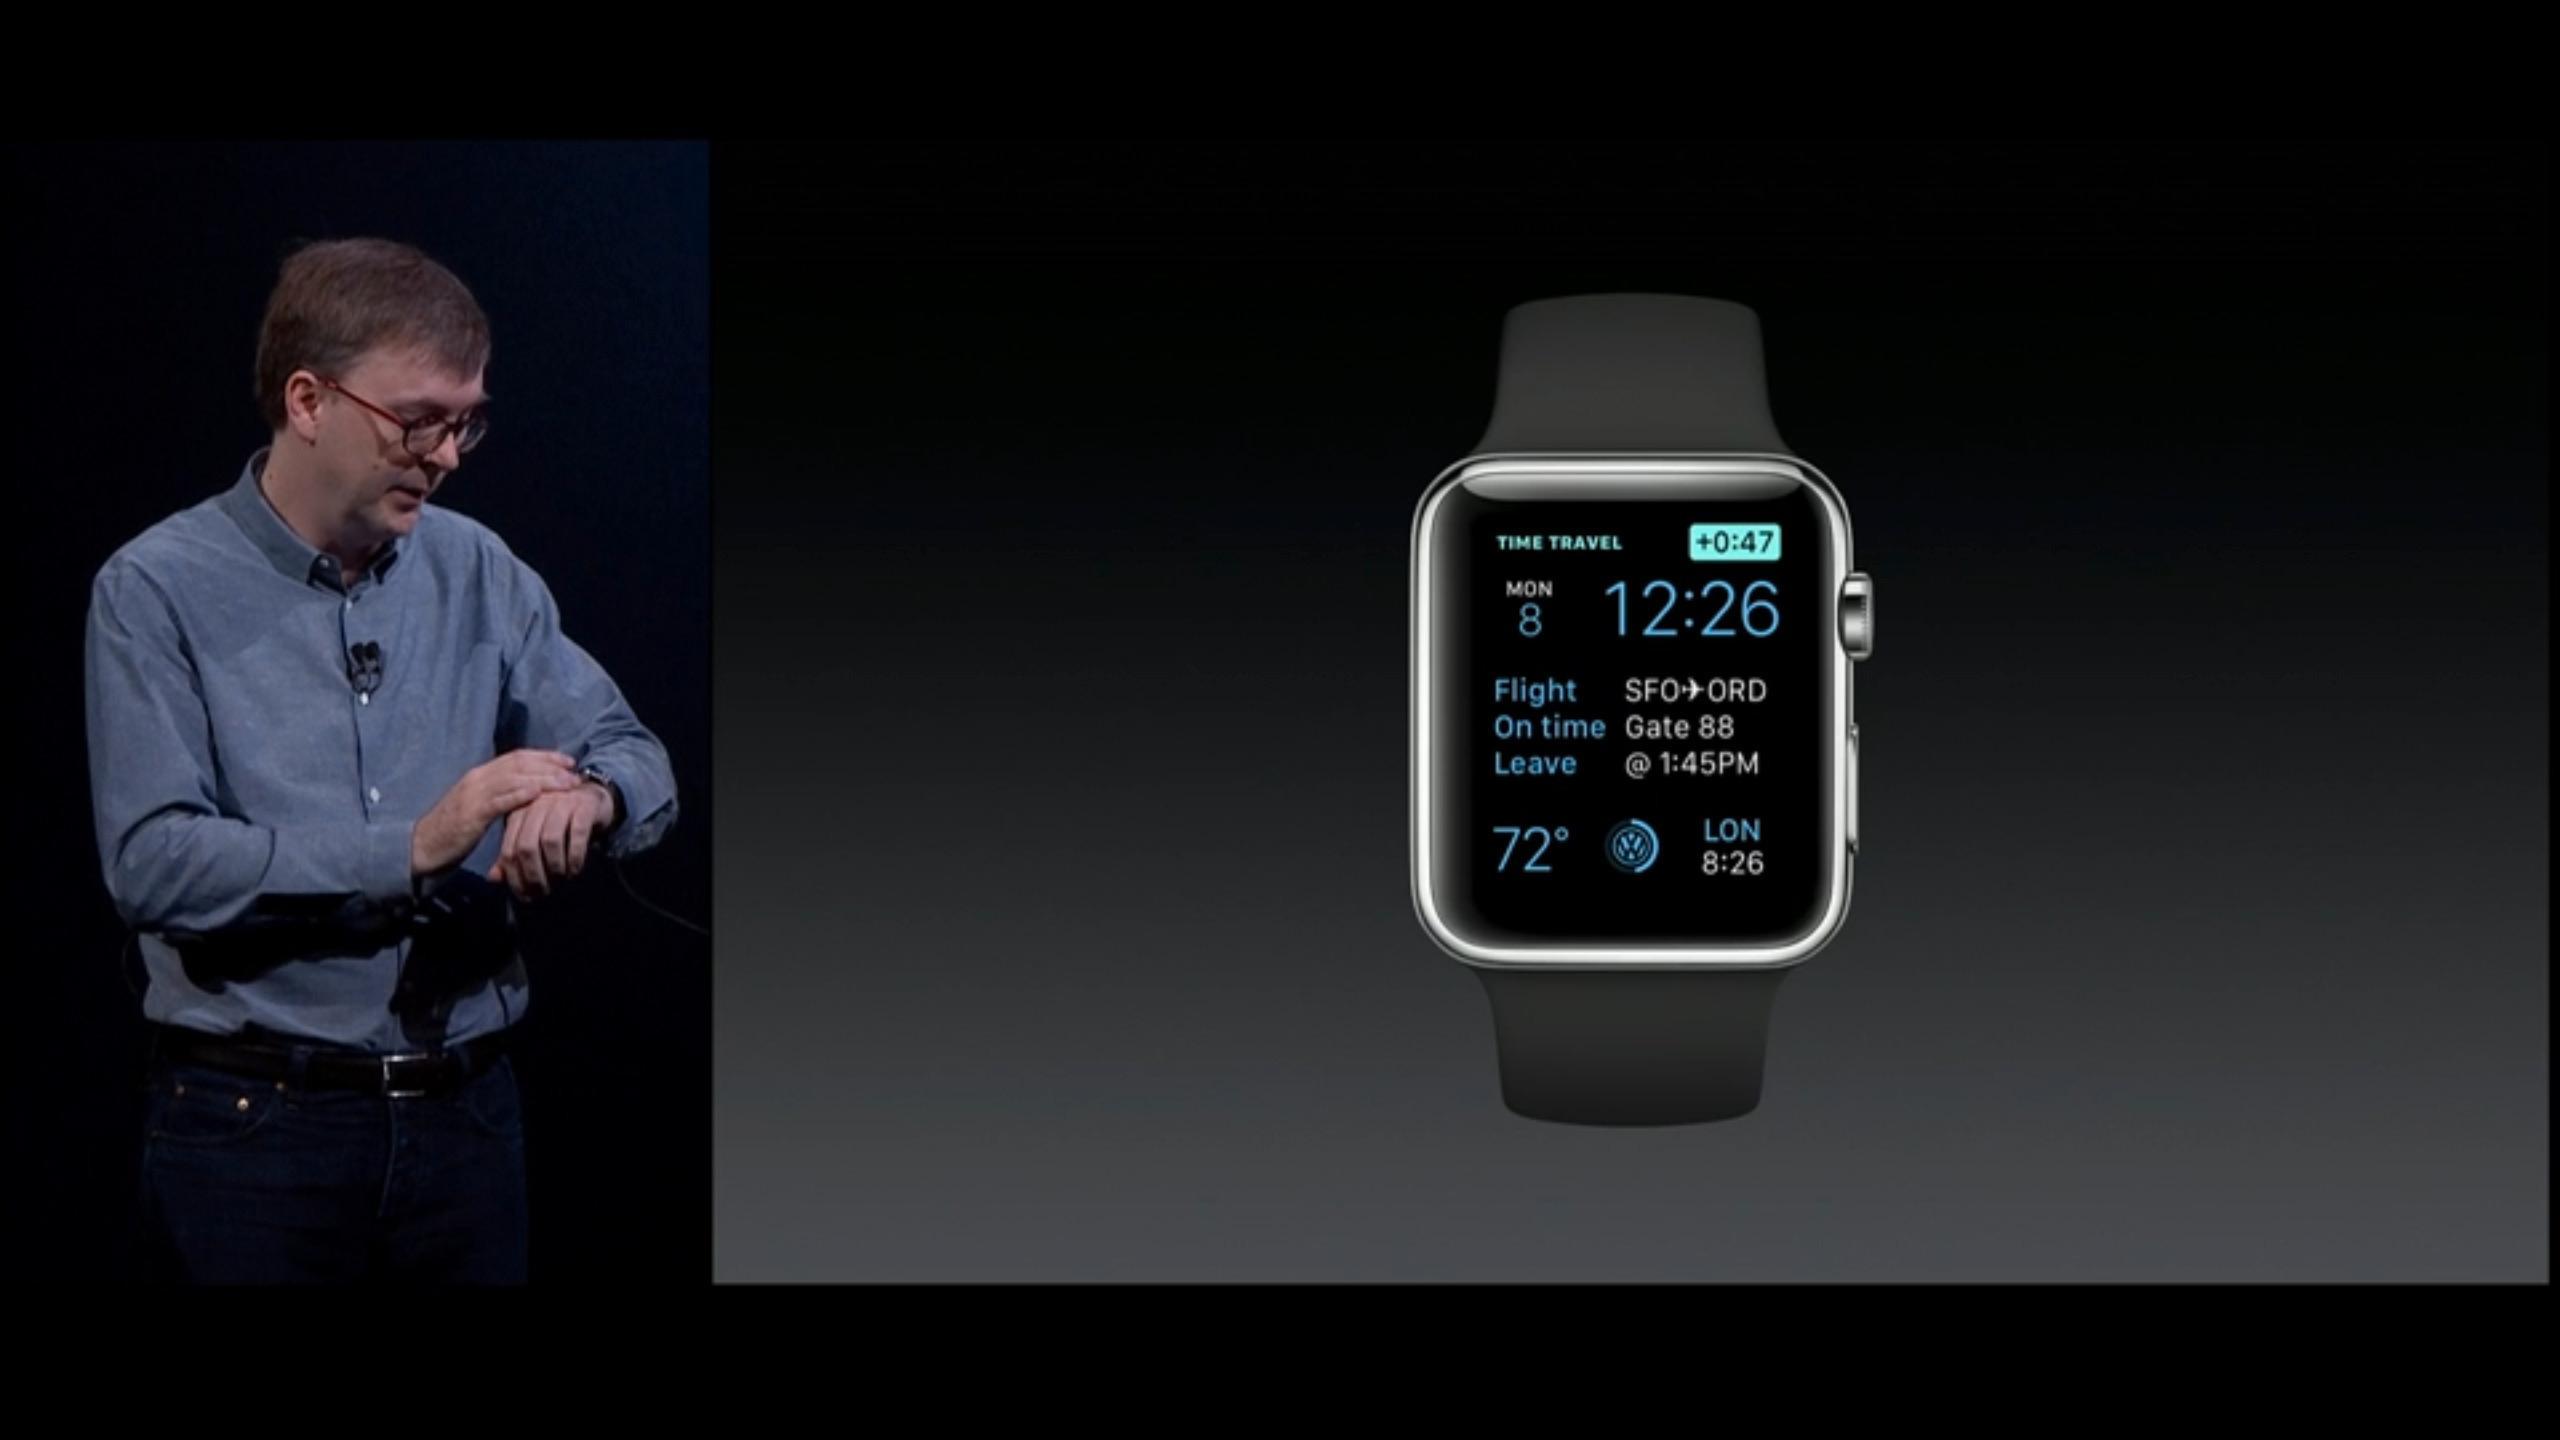 Time Travel ser ut til å være en av de mer spennende nye funksjonene på Apple Watch.